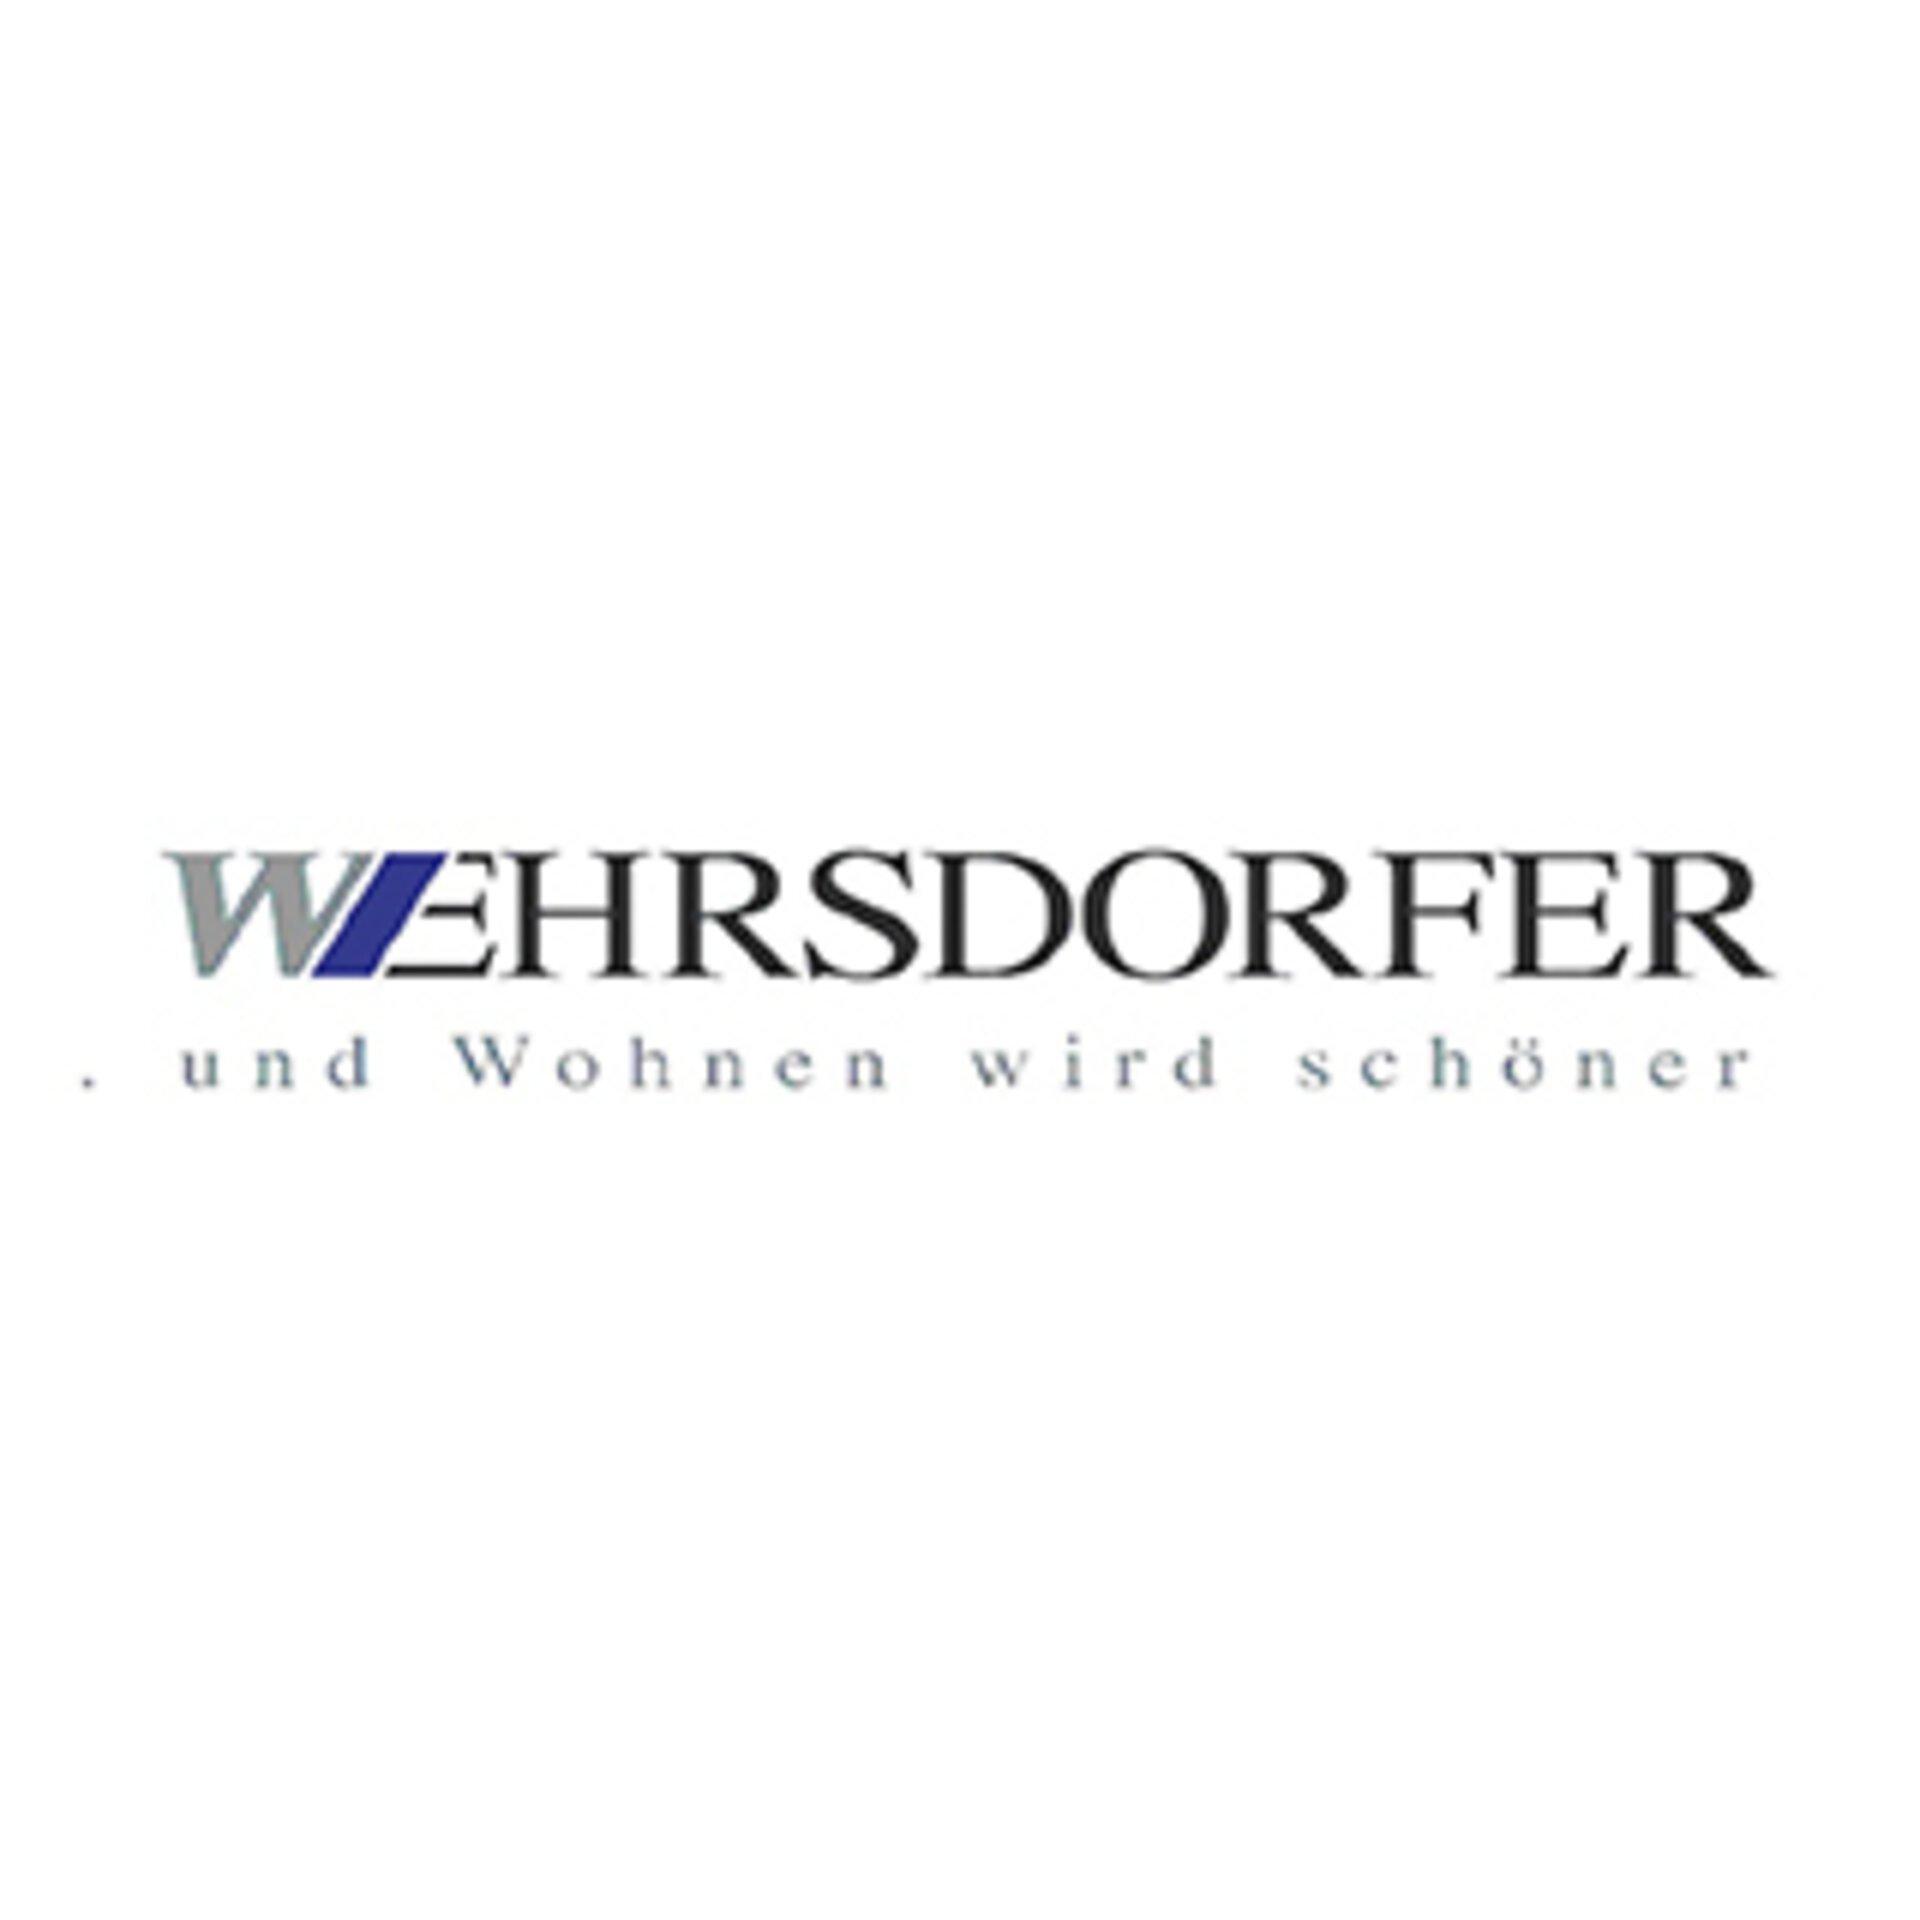 Wehrsdorfer